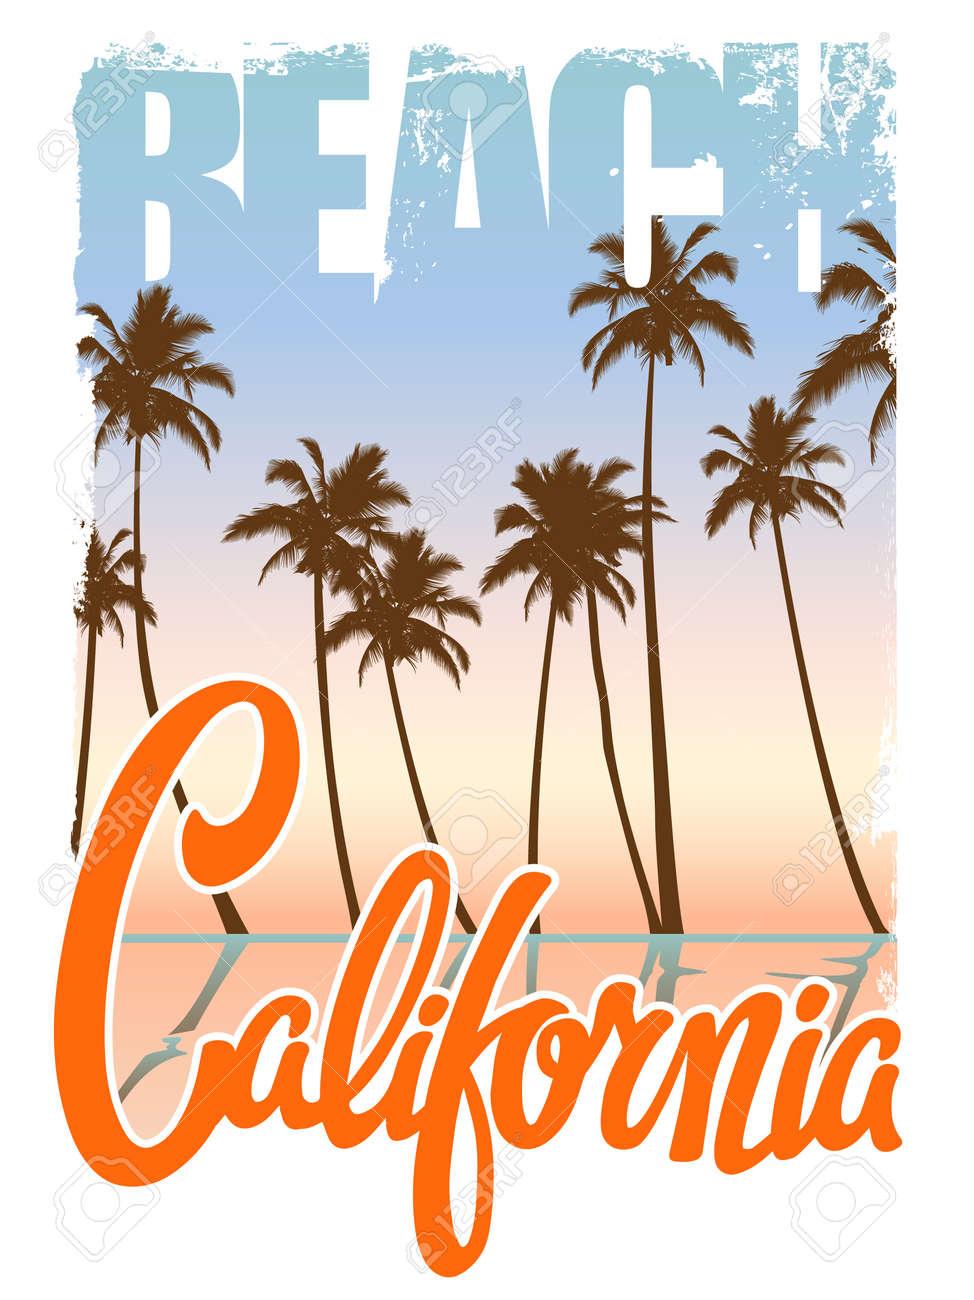 カリフォルニア ビーチ タイポグラフィ グラフィック スポーツ アパレル